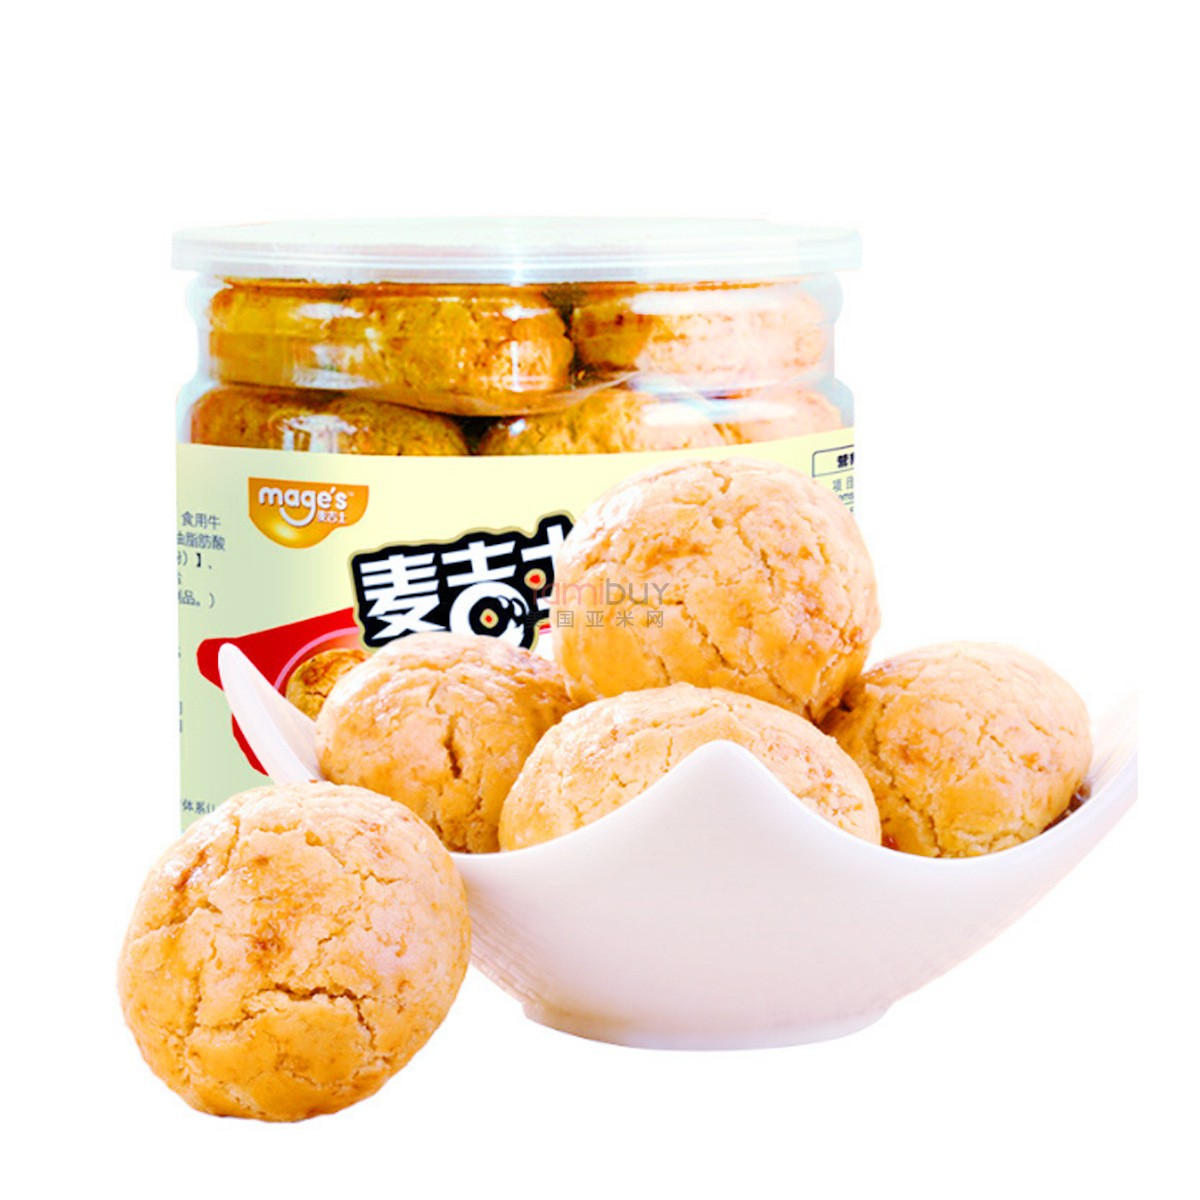 MAGE'S  Hazelunt Cookie